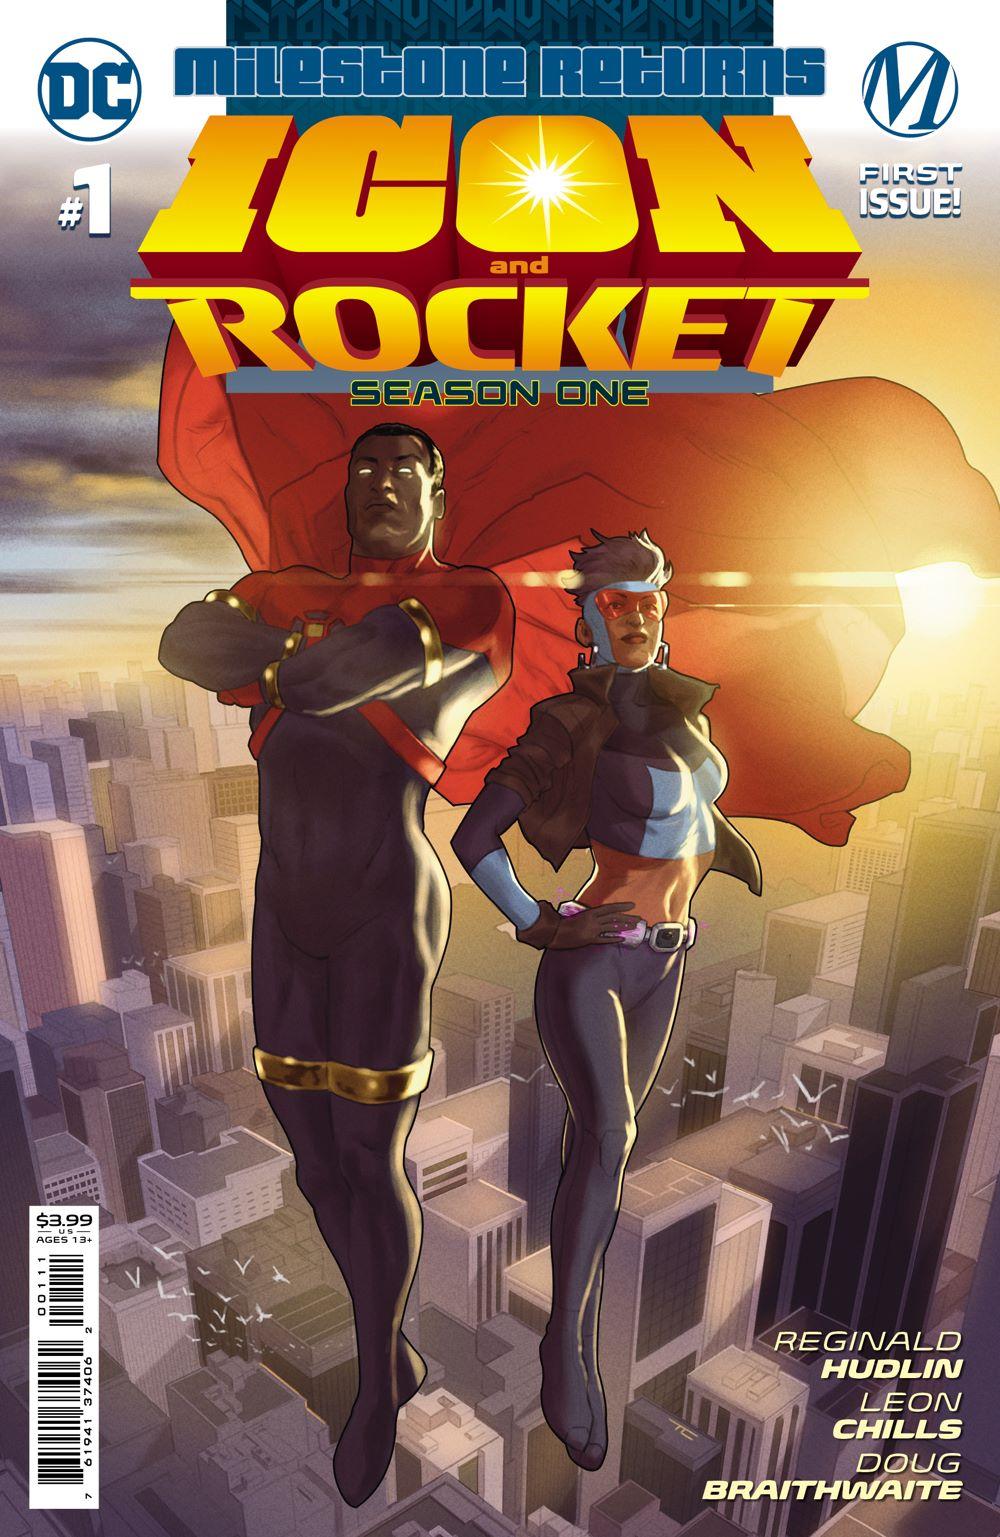 ICON_ROCKET_S1_Cv1 DC Comics July 2021 Solicitations